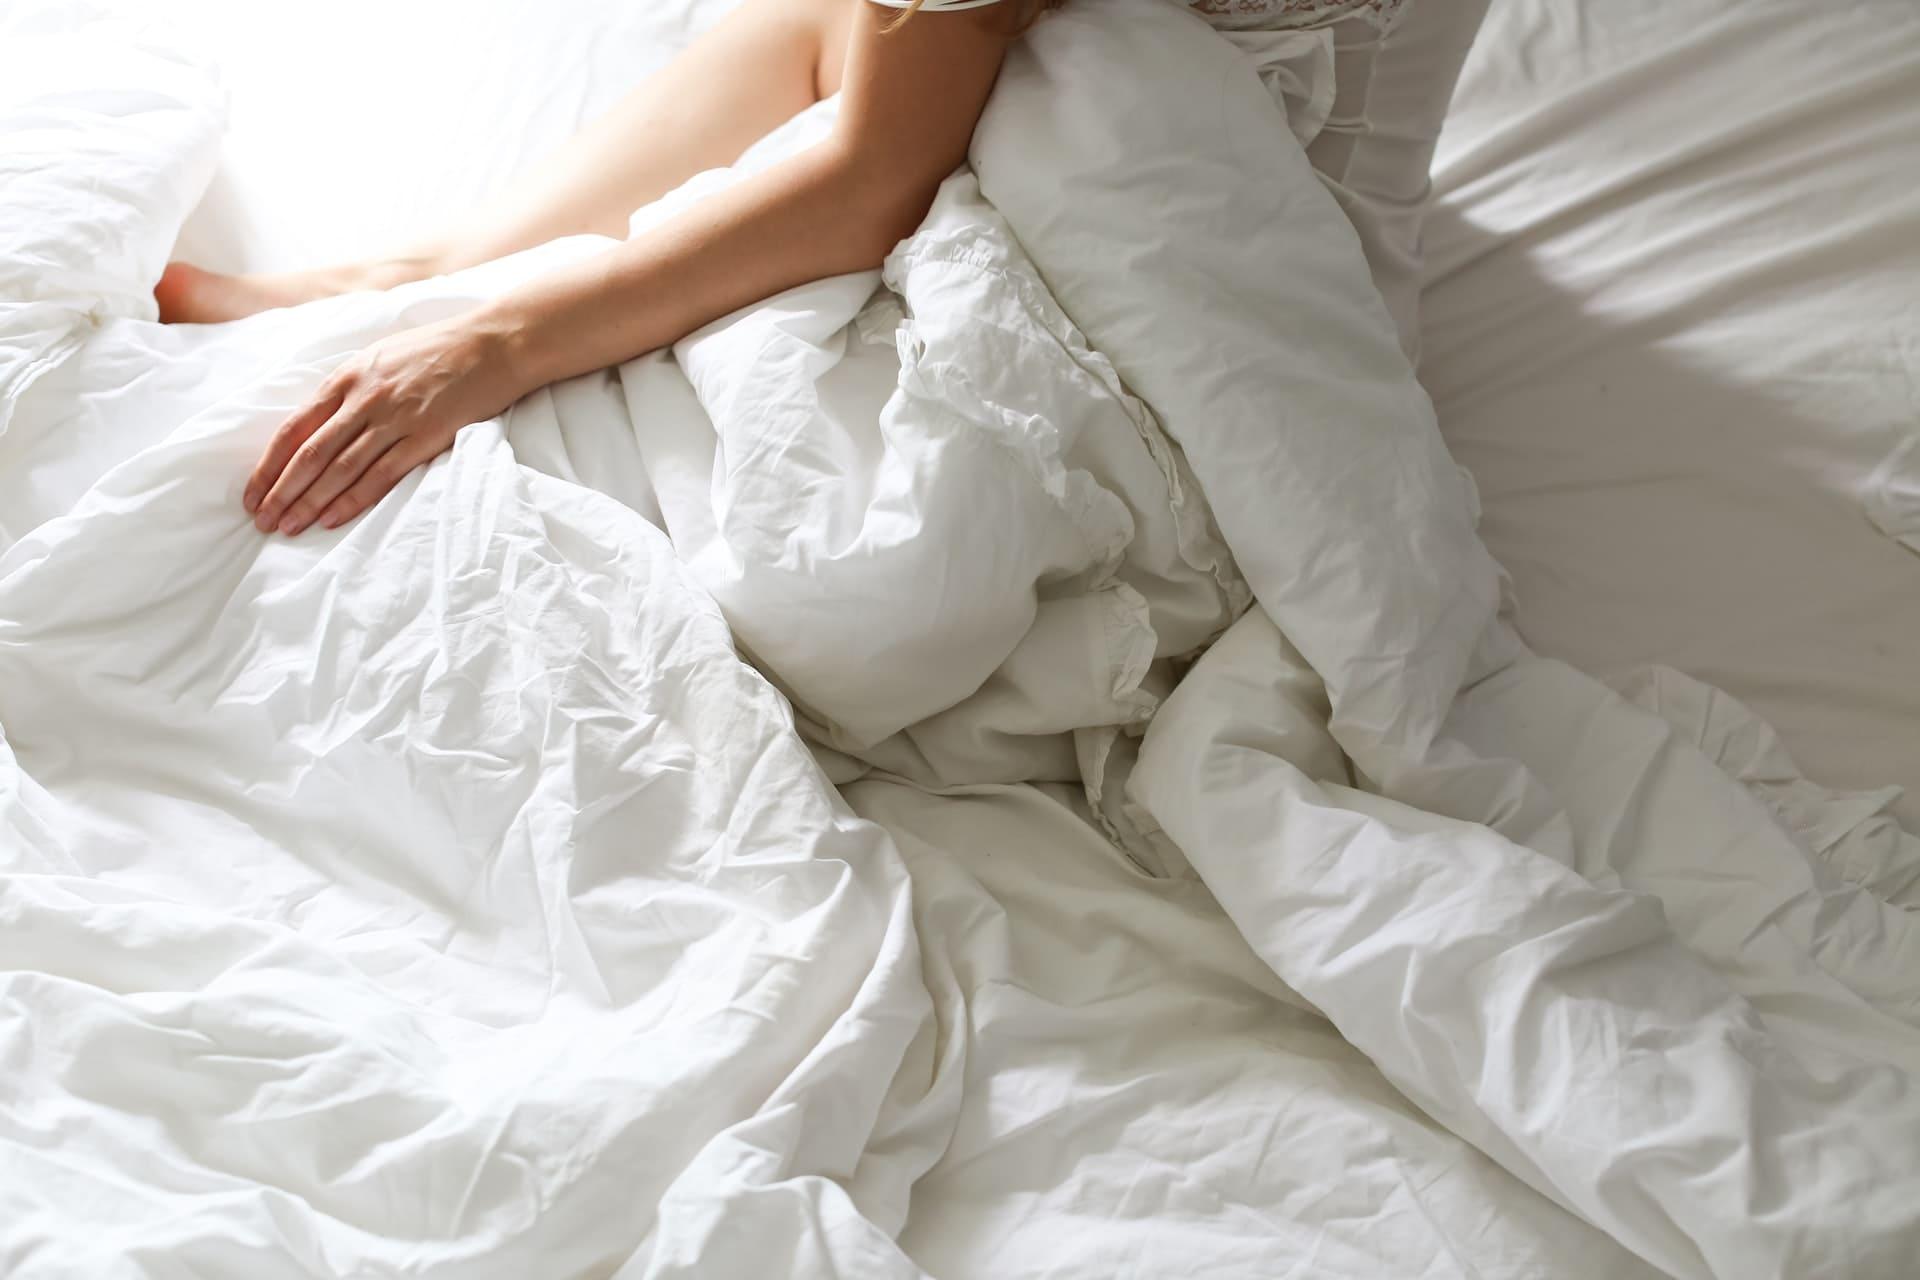 Titelbild: Frau im Bett leidet an Schlaflosigkeit